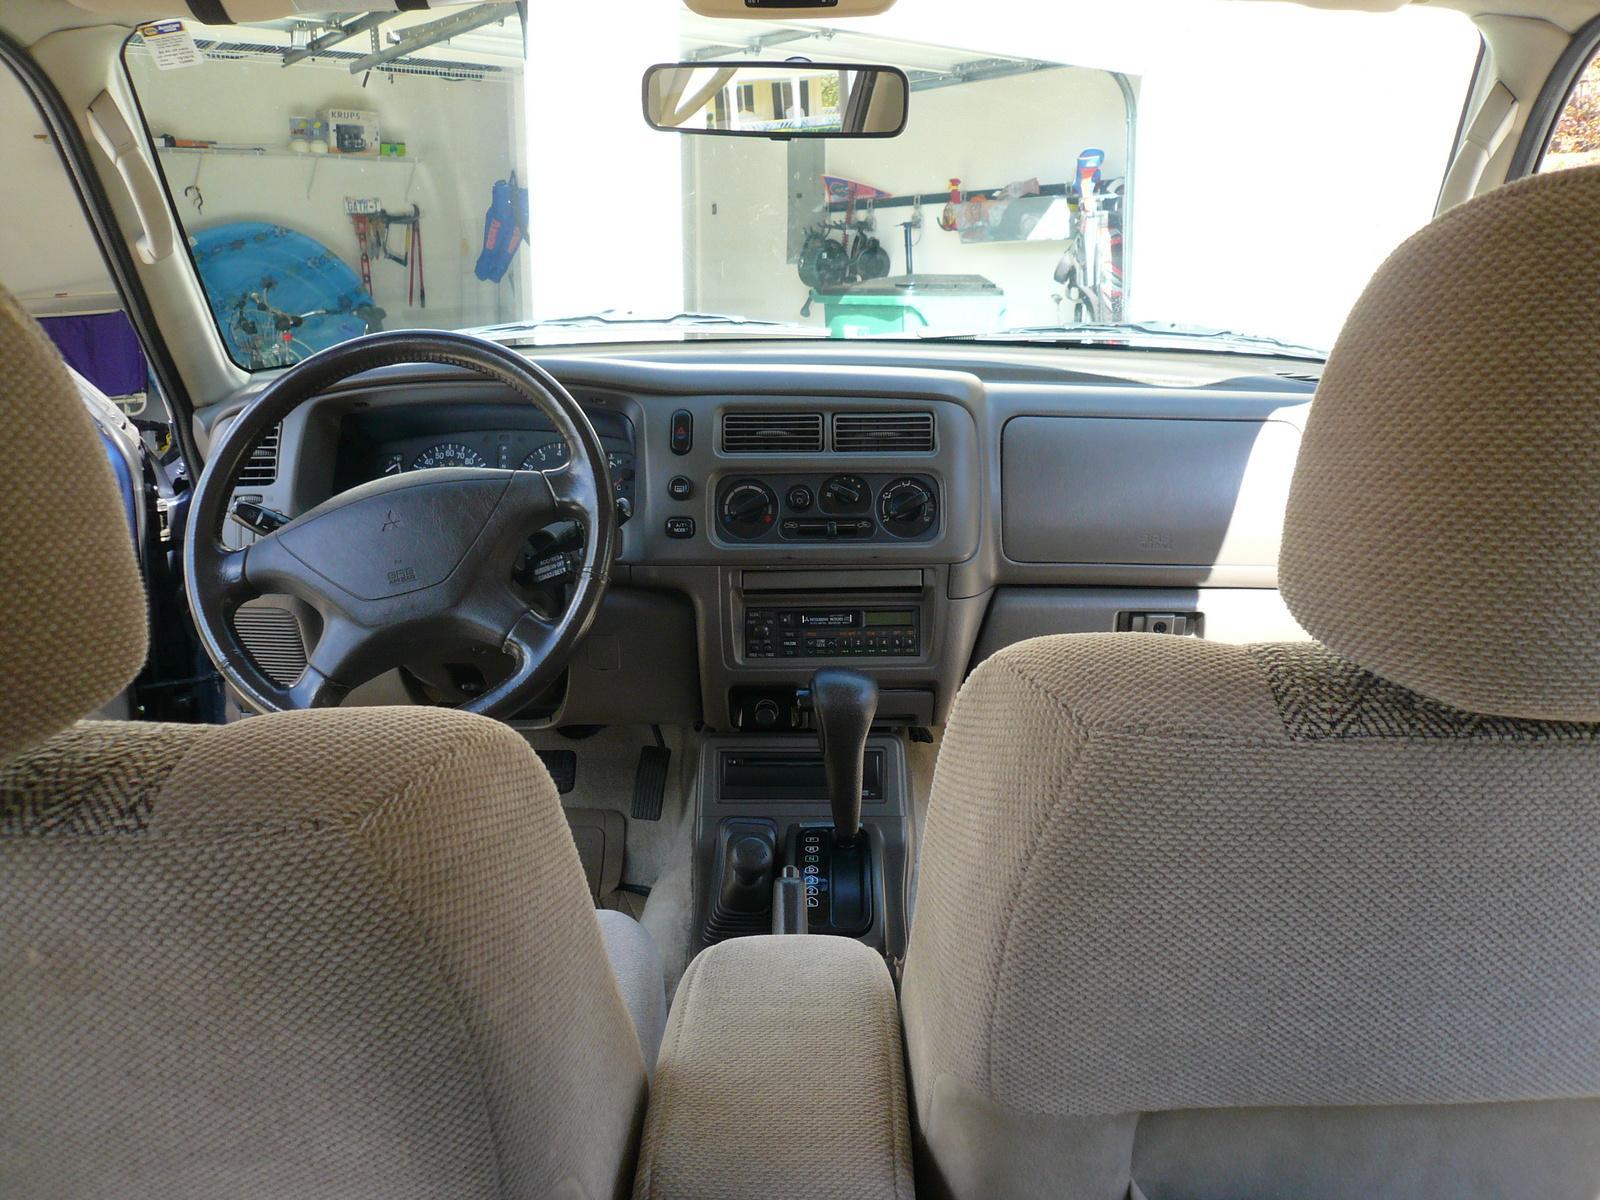 800 1024 1280 1600 origin 1999 mitsubishi montero - Mitsubishi Montero 2001 Interior